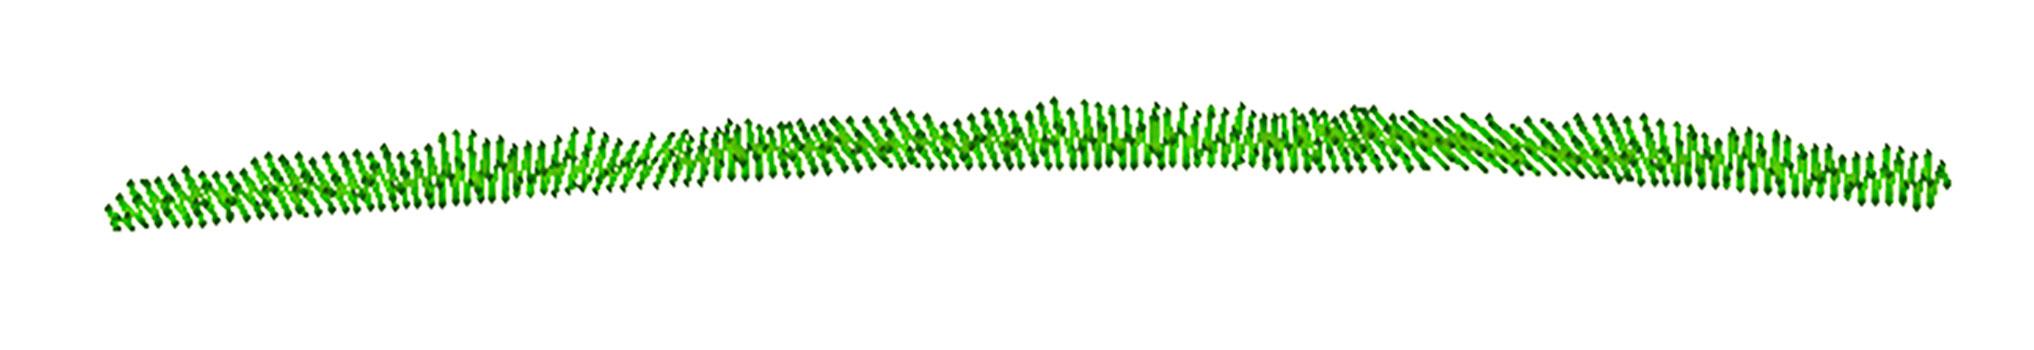 Grass-Patch-3.jpg